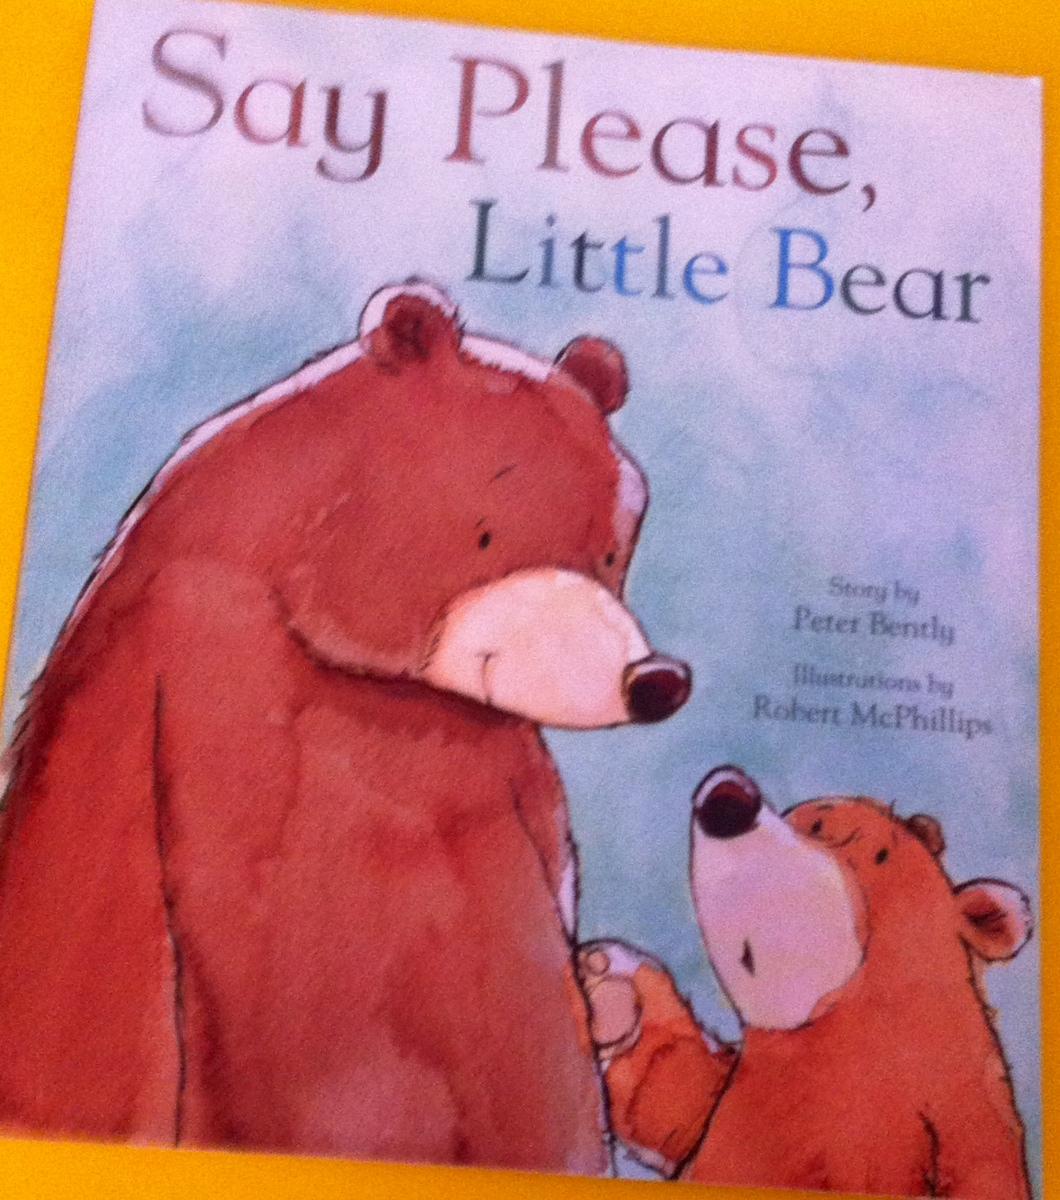 say please little bear